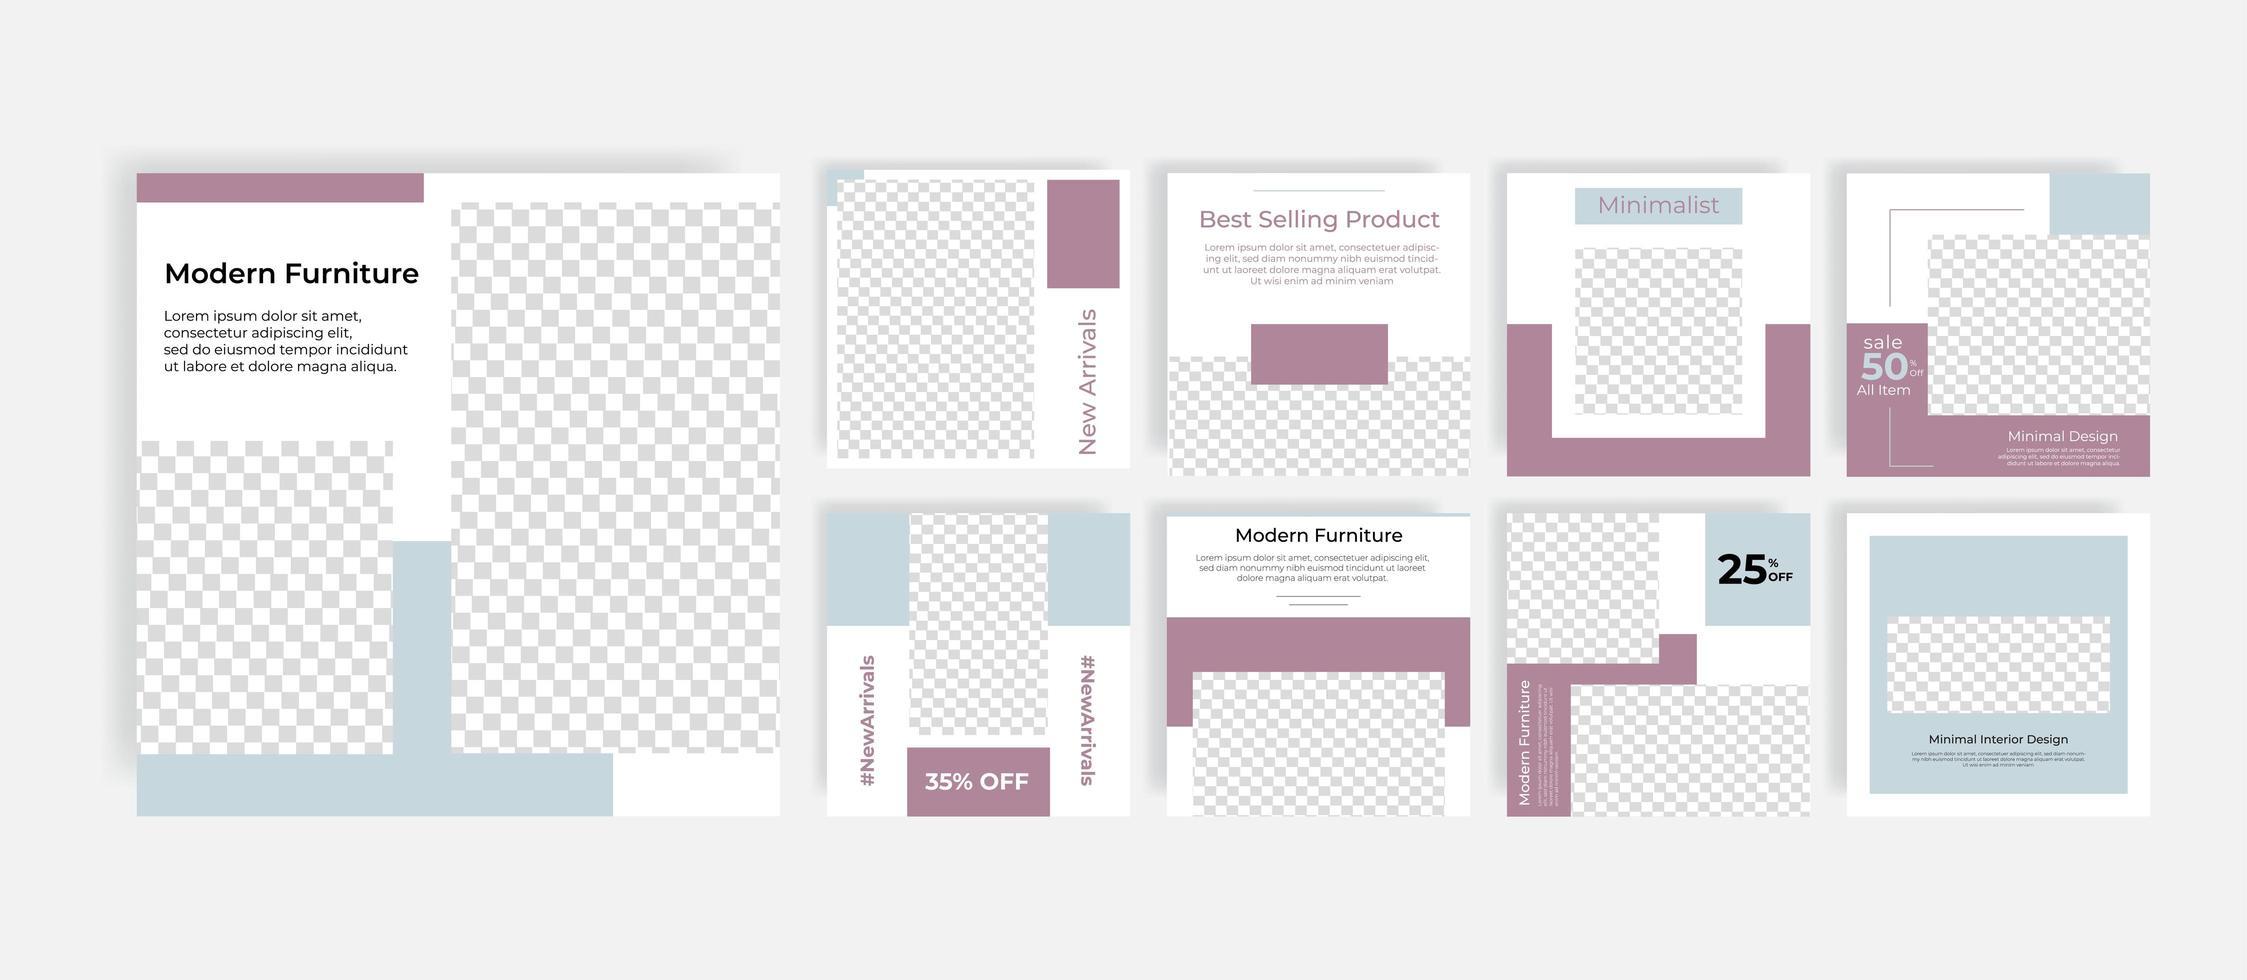 postagem de modelos de mídia social minimal furniture vetor